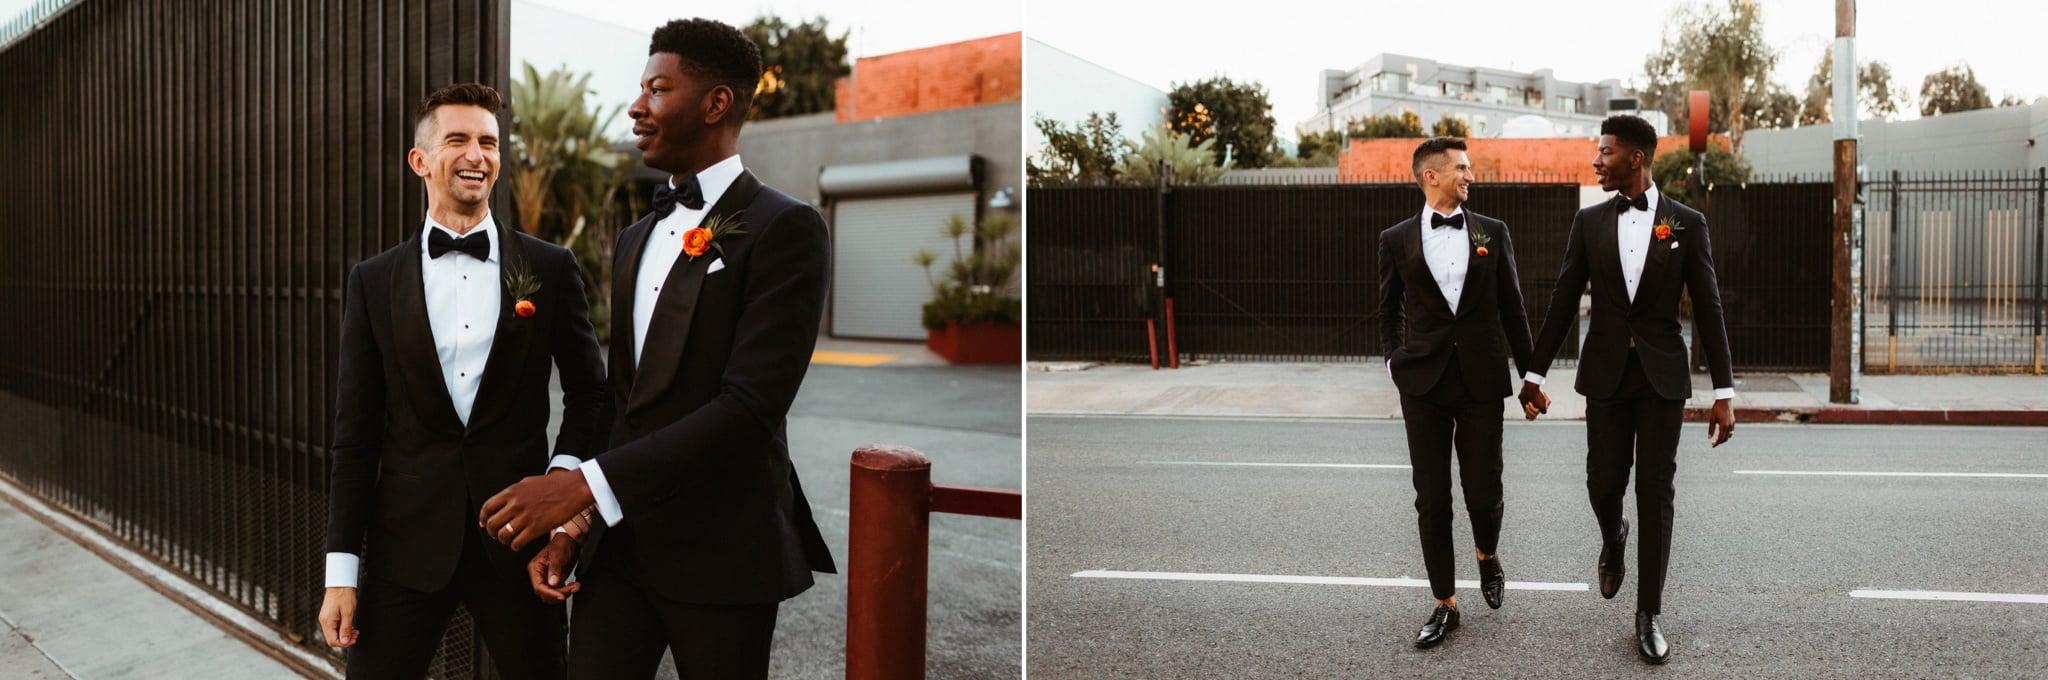 dtla wedding photographer 102